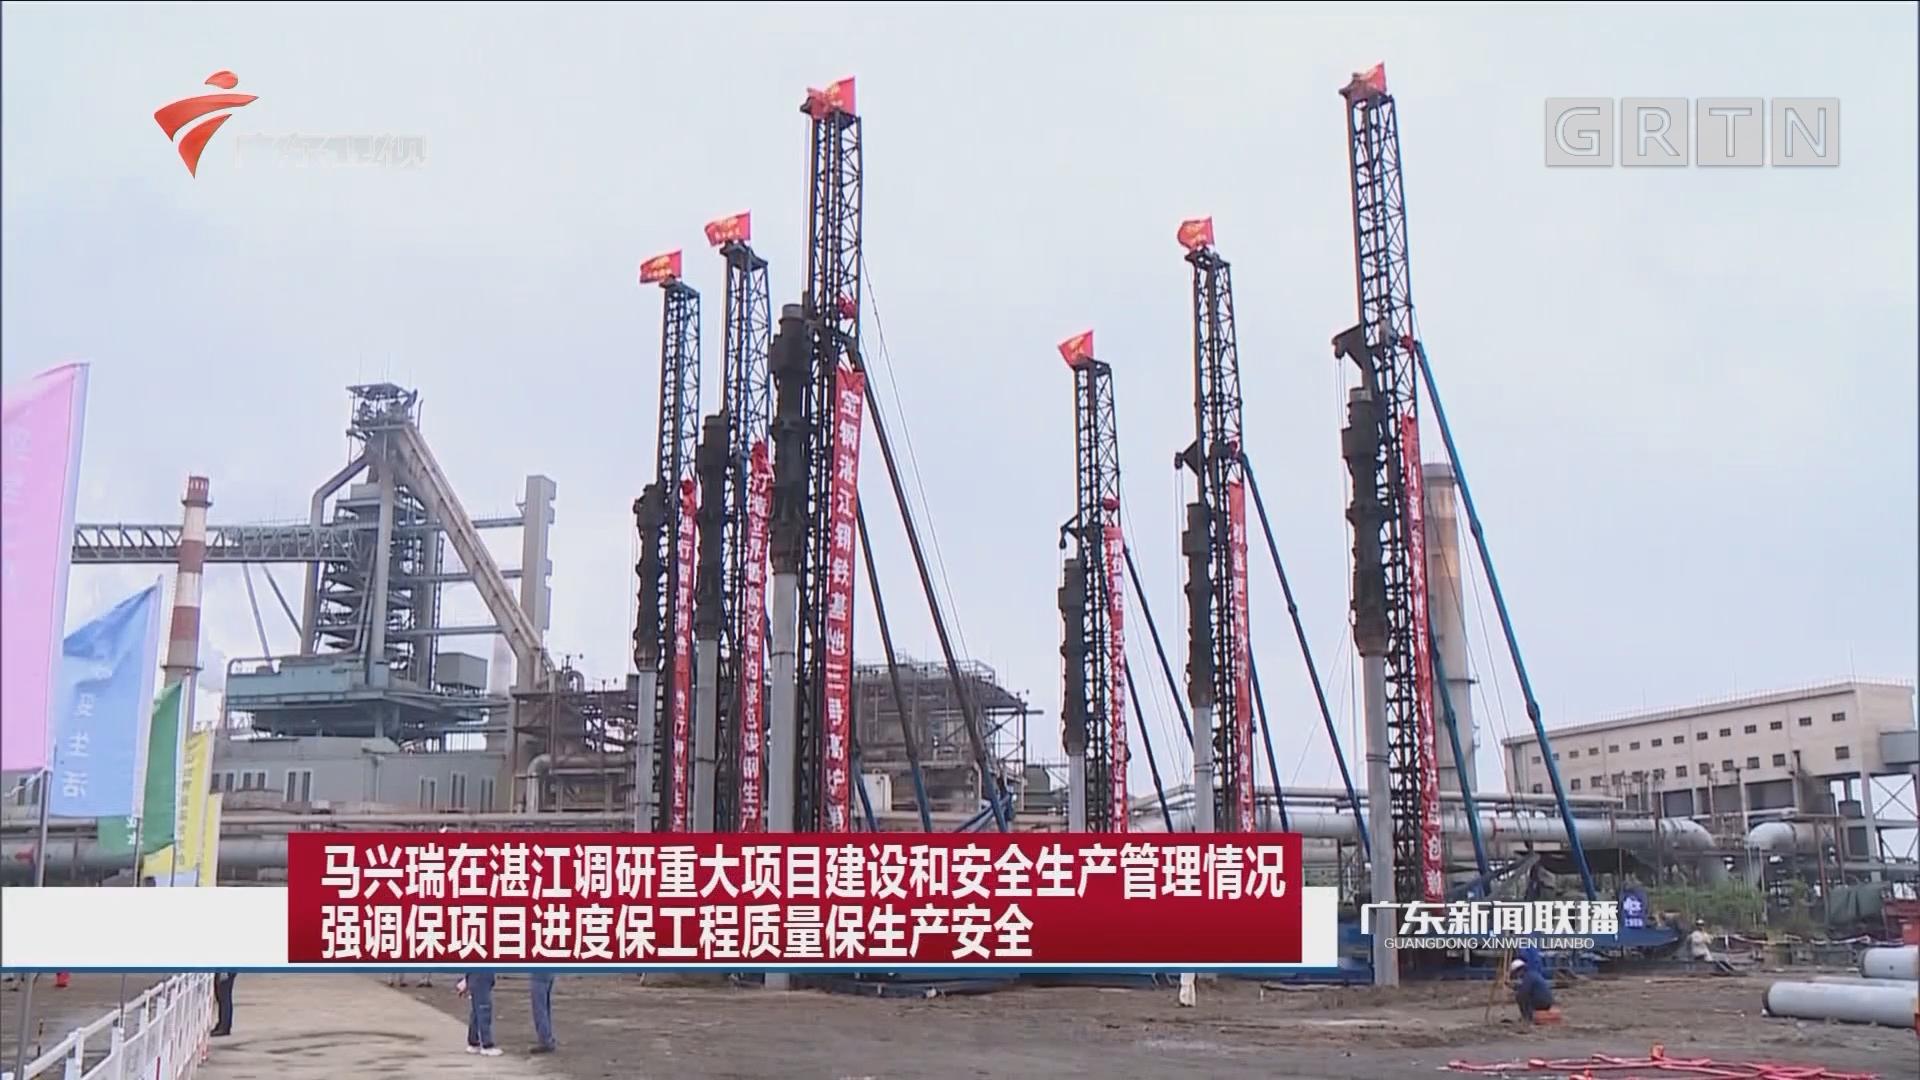 马兴瑞在湛江调研重大项目建设和安全生产管理情况 强调保项目进度保工程质量保生产安全